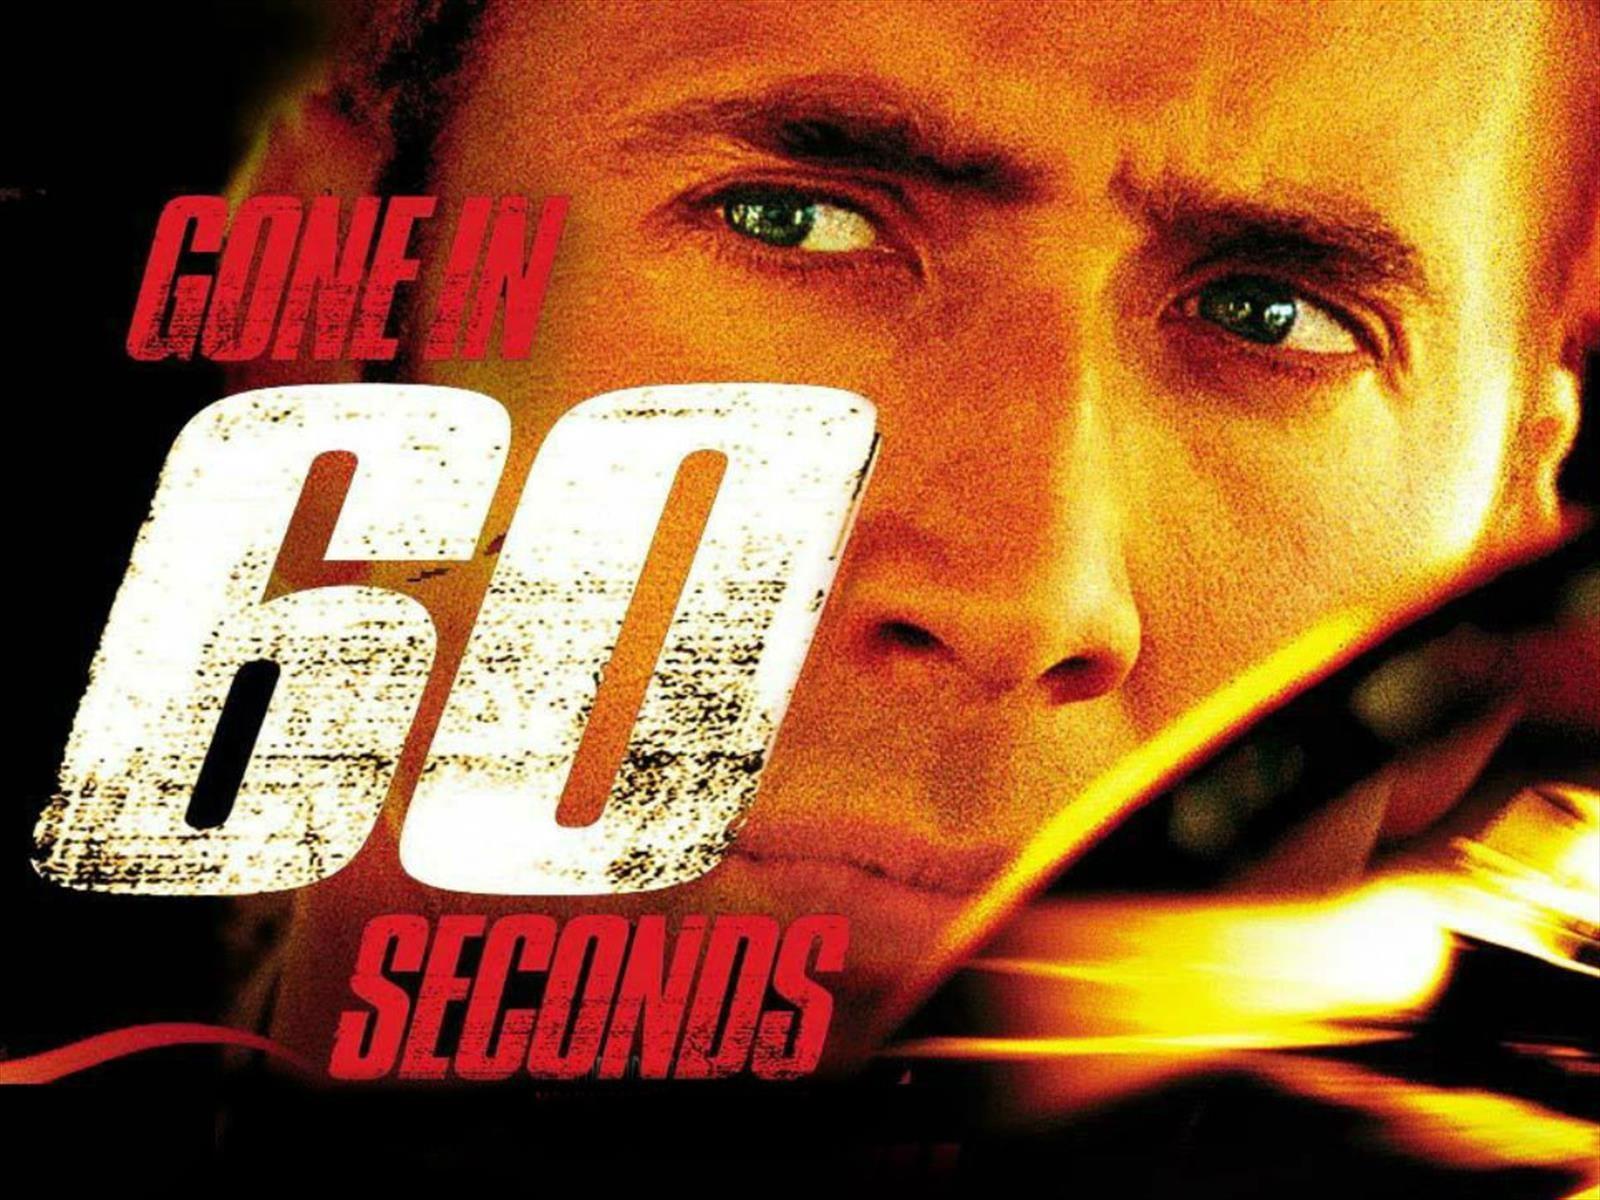 """Autos de película: los 50 de """"Gone in 60 Seconds"""""""